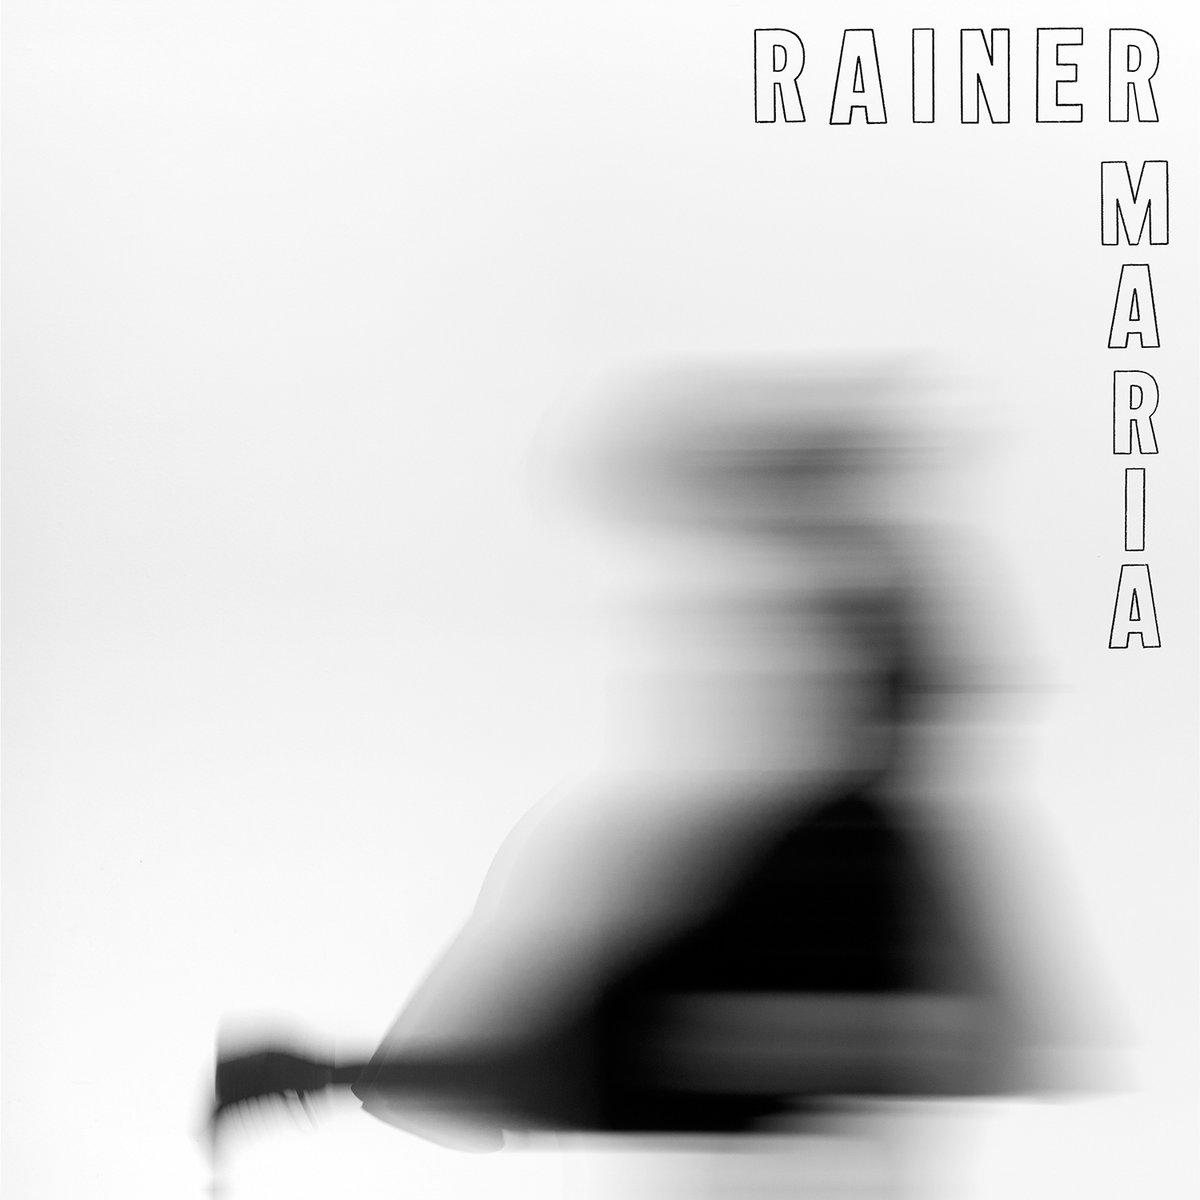 Rainer Maria S/t